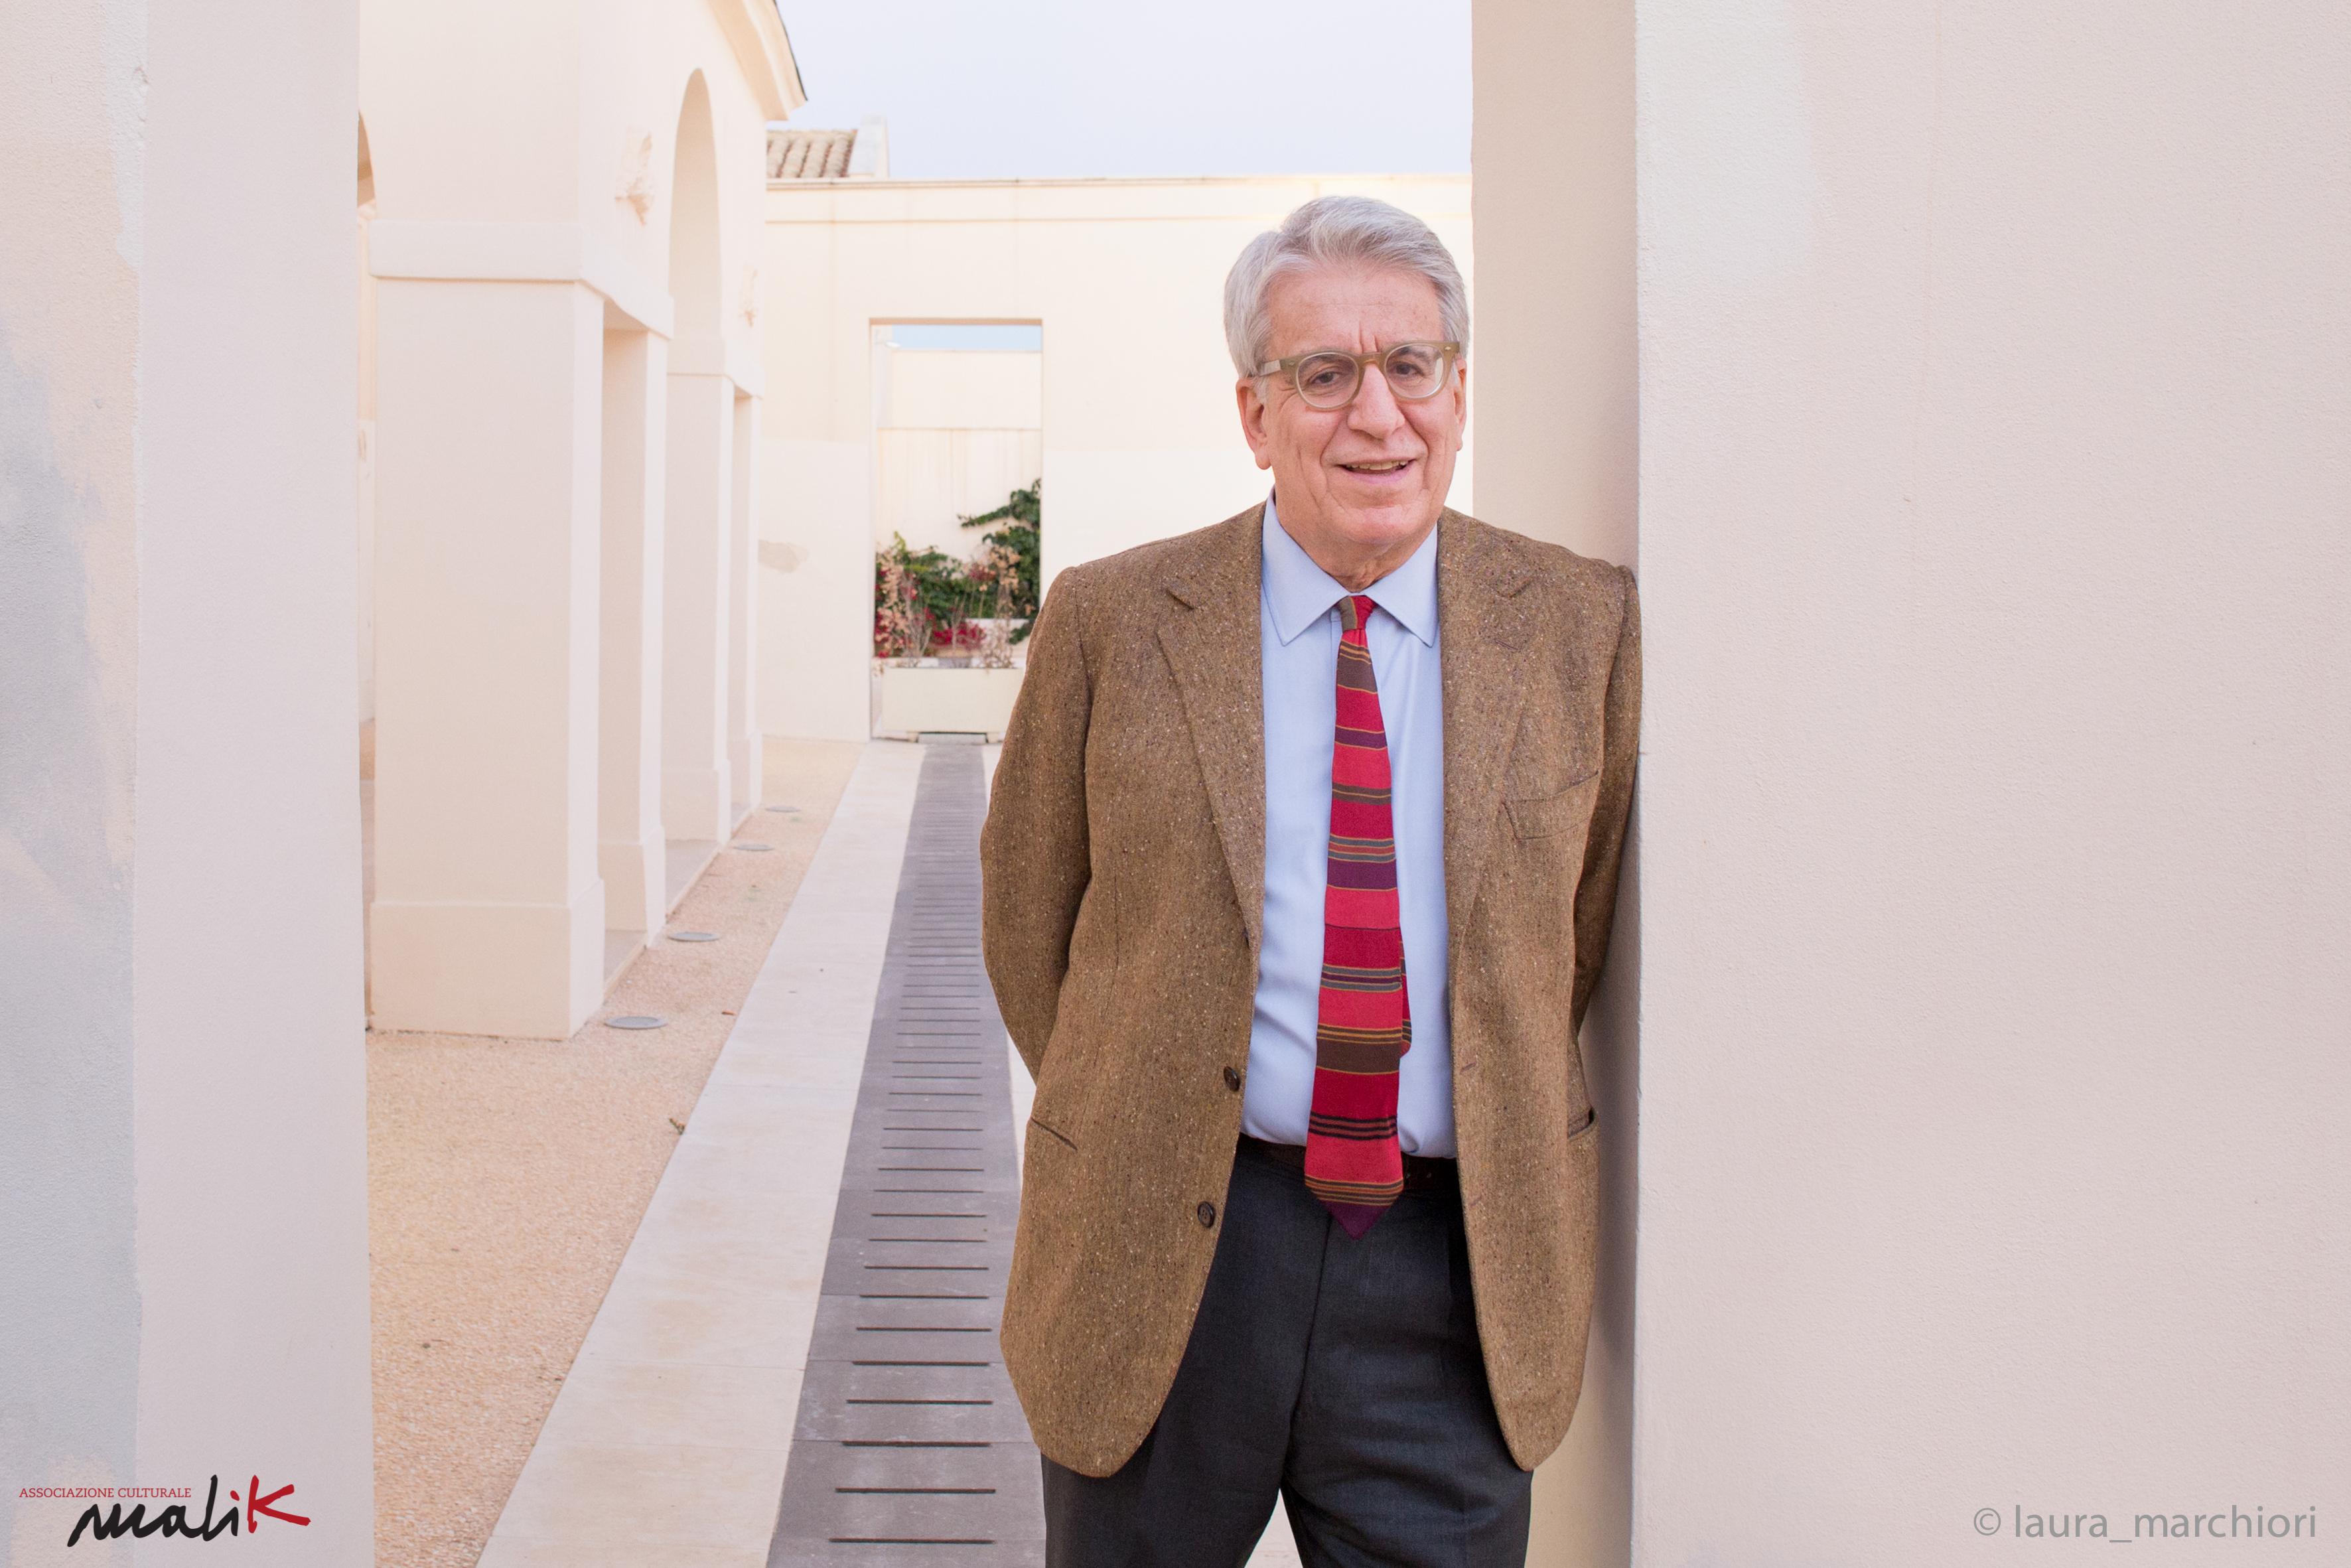 Luigi Manconi, 8 novembre 2015, Biblioteca Provinciale, Cagliari.